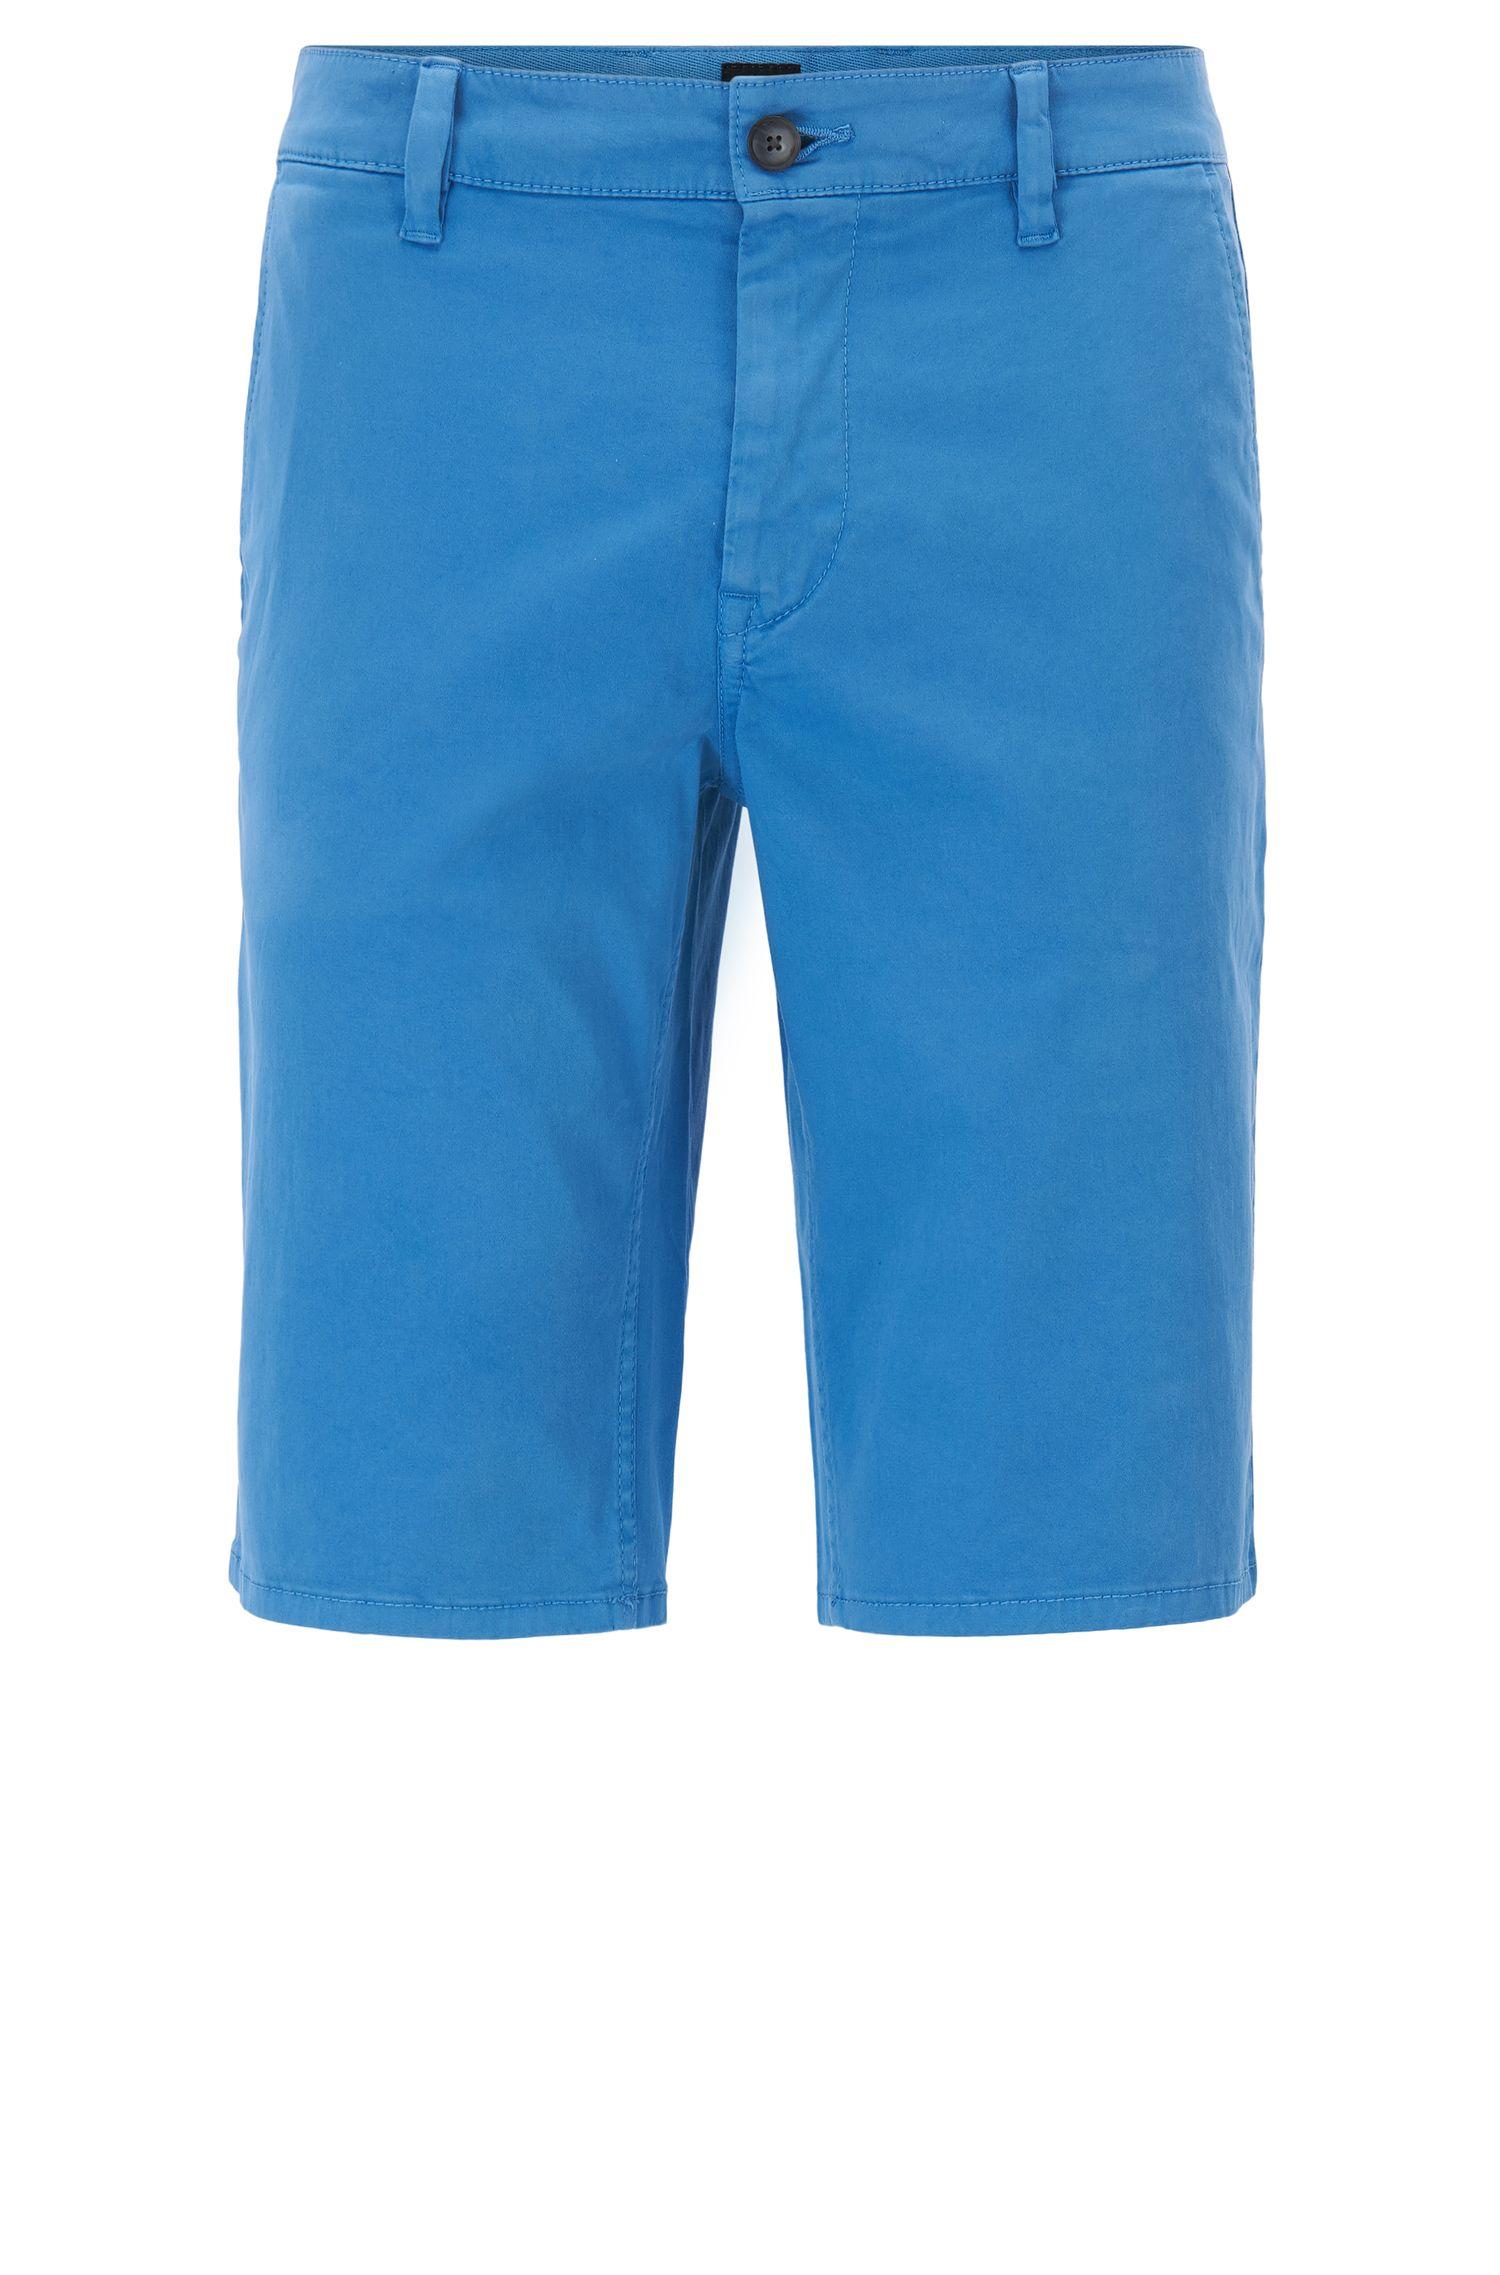 Shorts chinos de algodón elástico con trabillas dobles